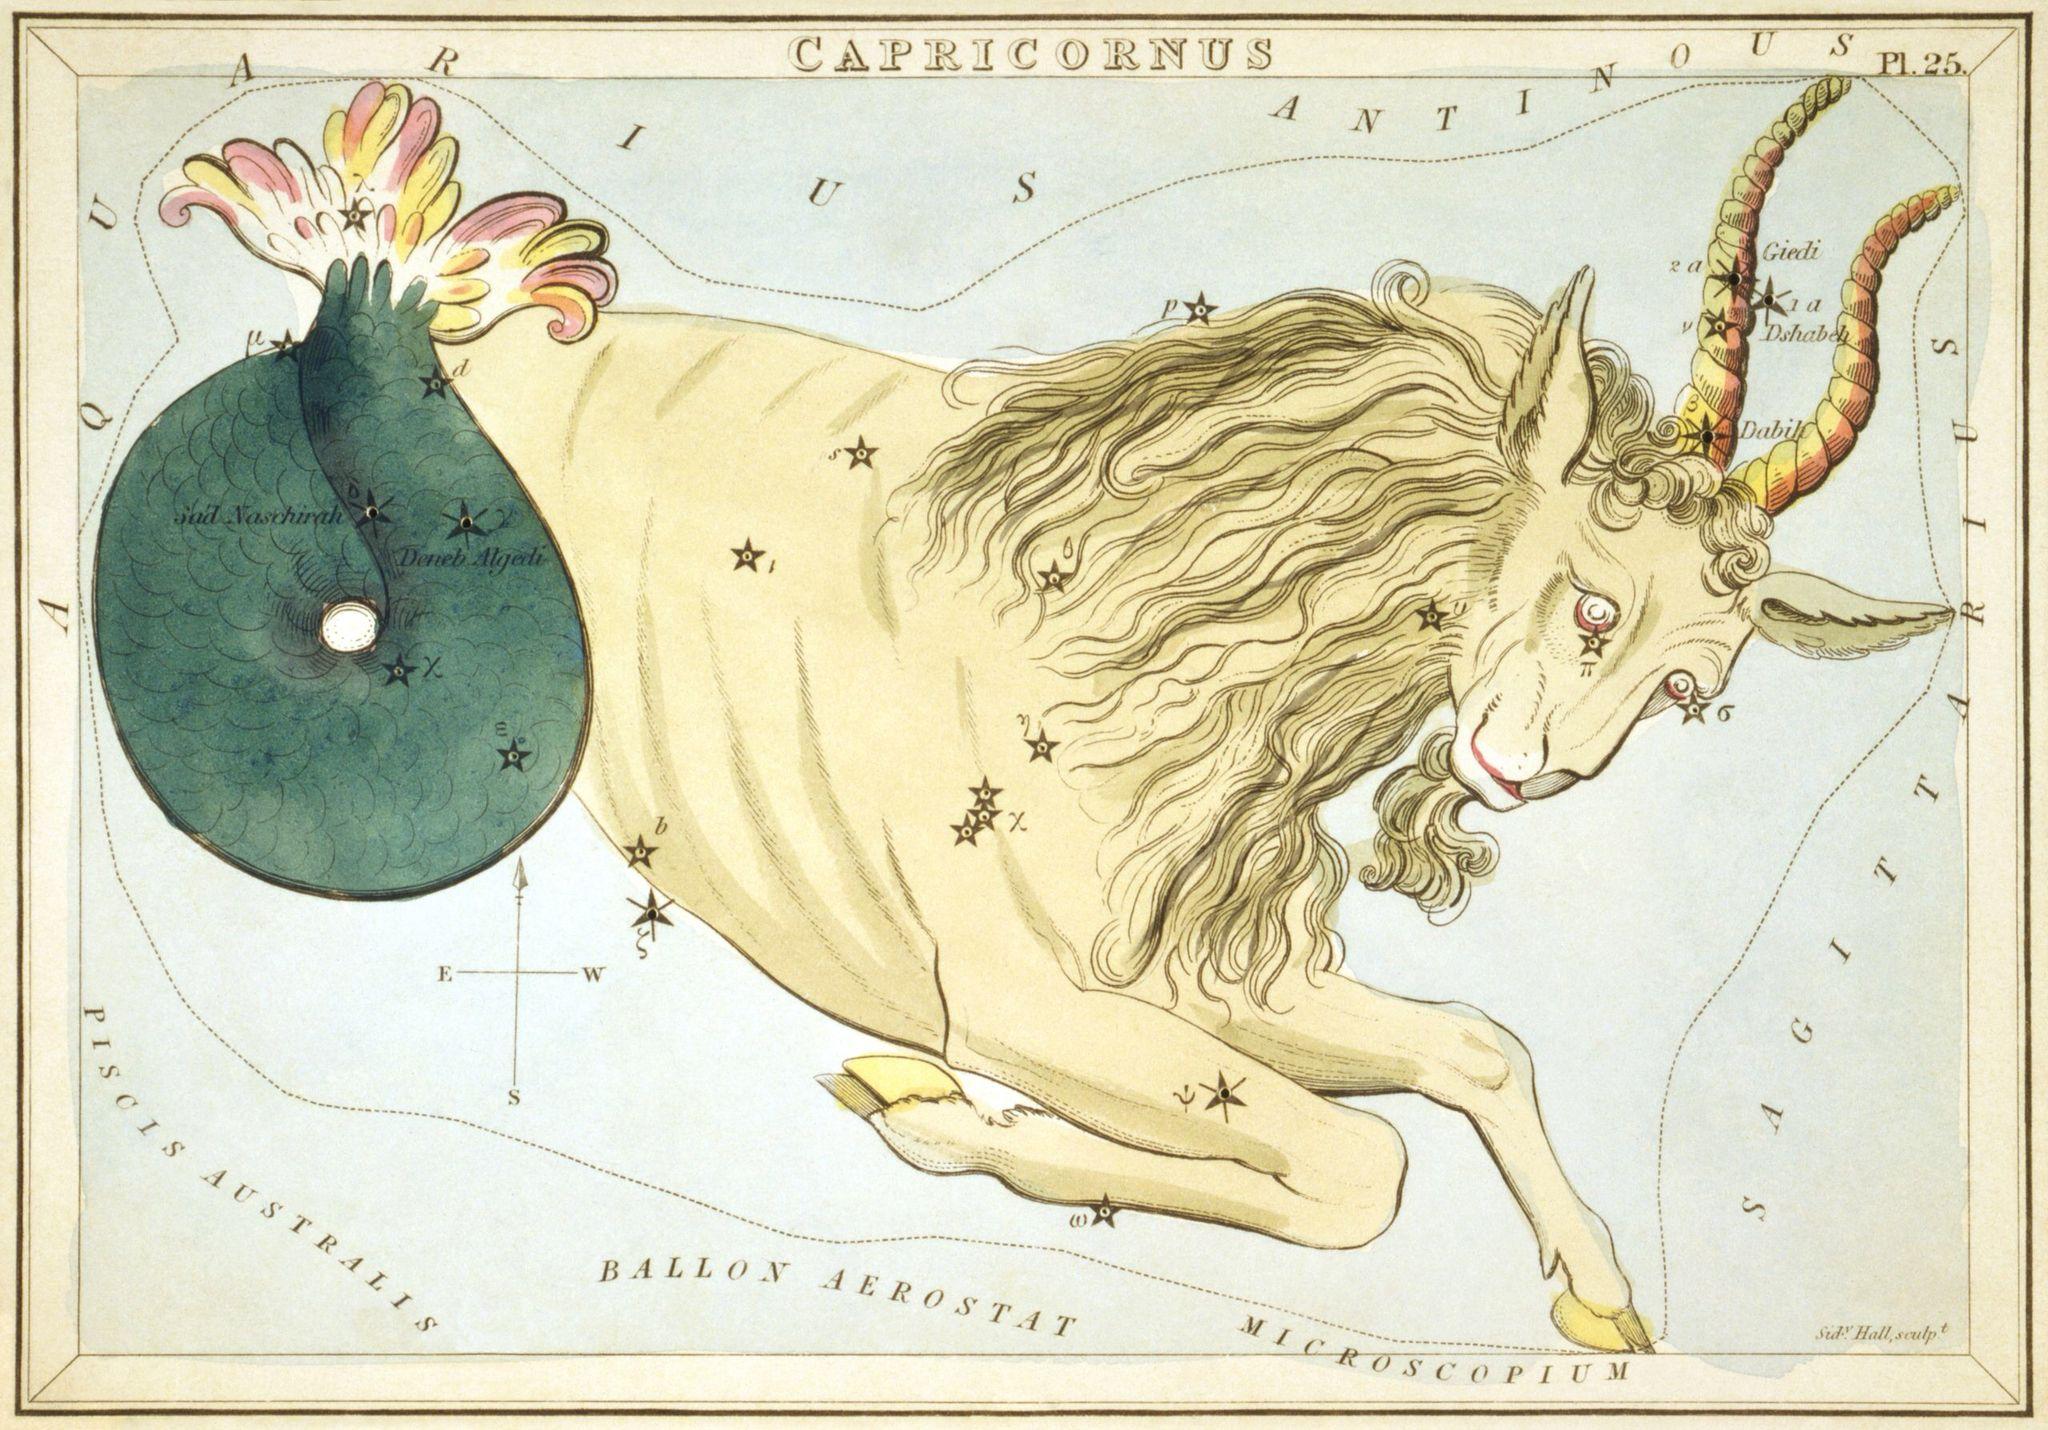 Capricious constellation